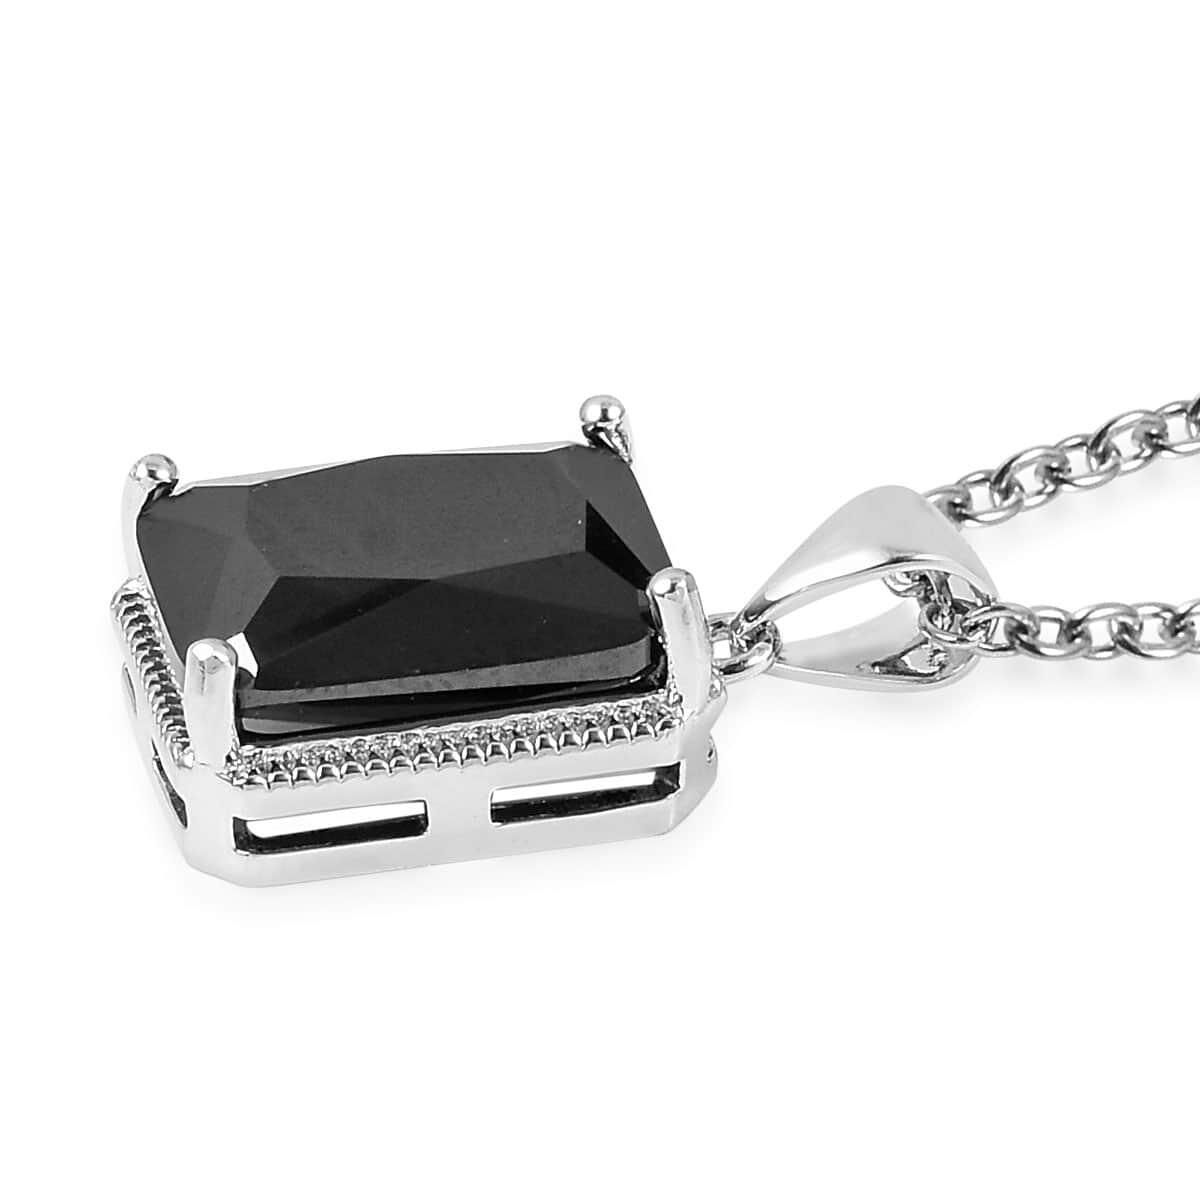 12-Color-Options-Cubic-Zirconia-Bracelet-Chain-Pendant-Necklace-Set-Adjustable thumbnail 15